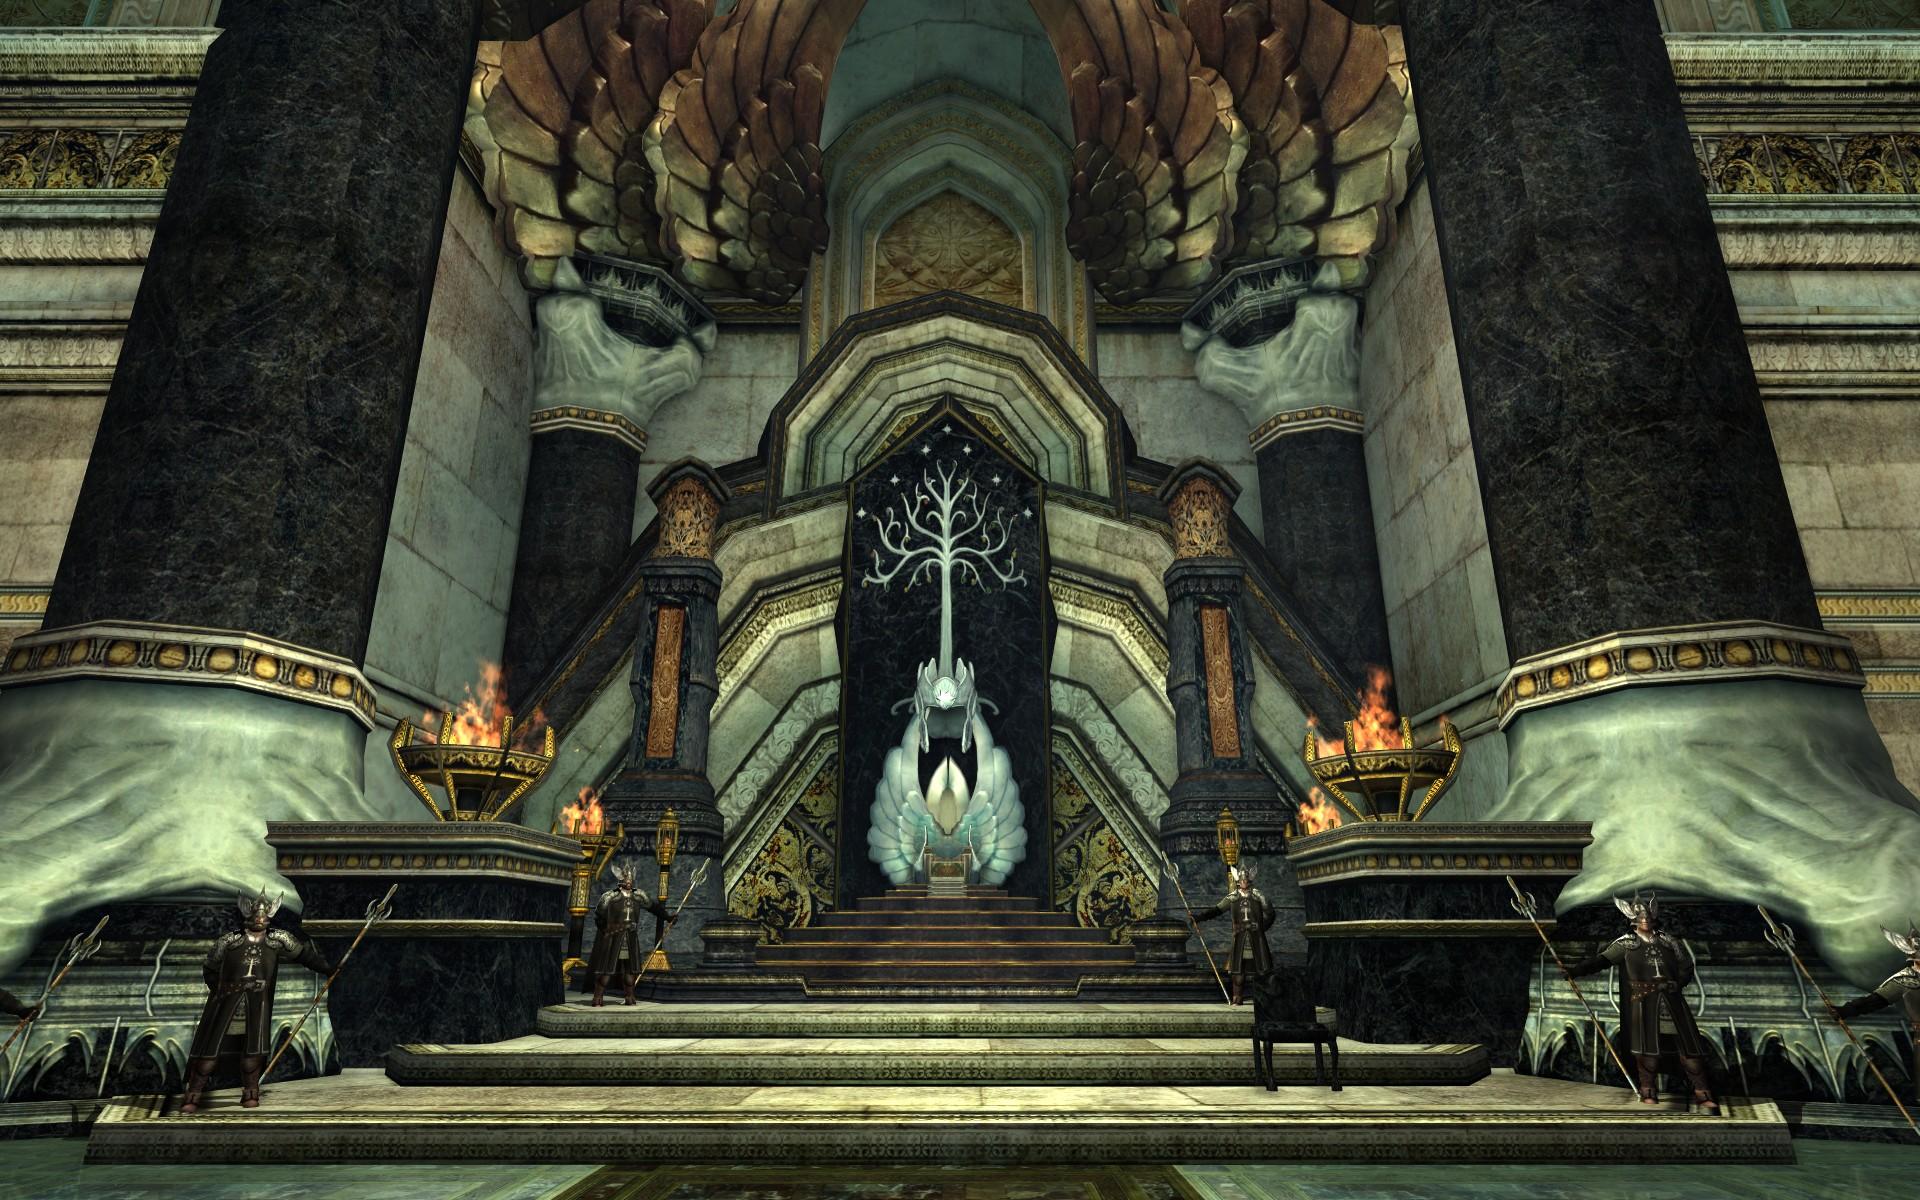 『ロード・オブ・ザ・リングス オンライン』における白の塔の玉座と執政の椅子